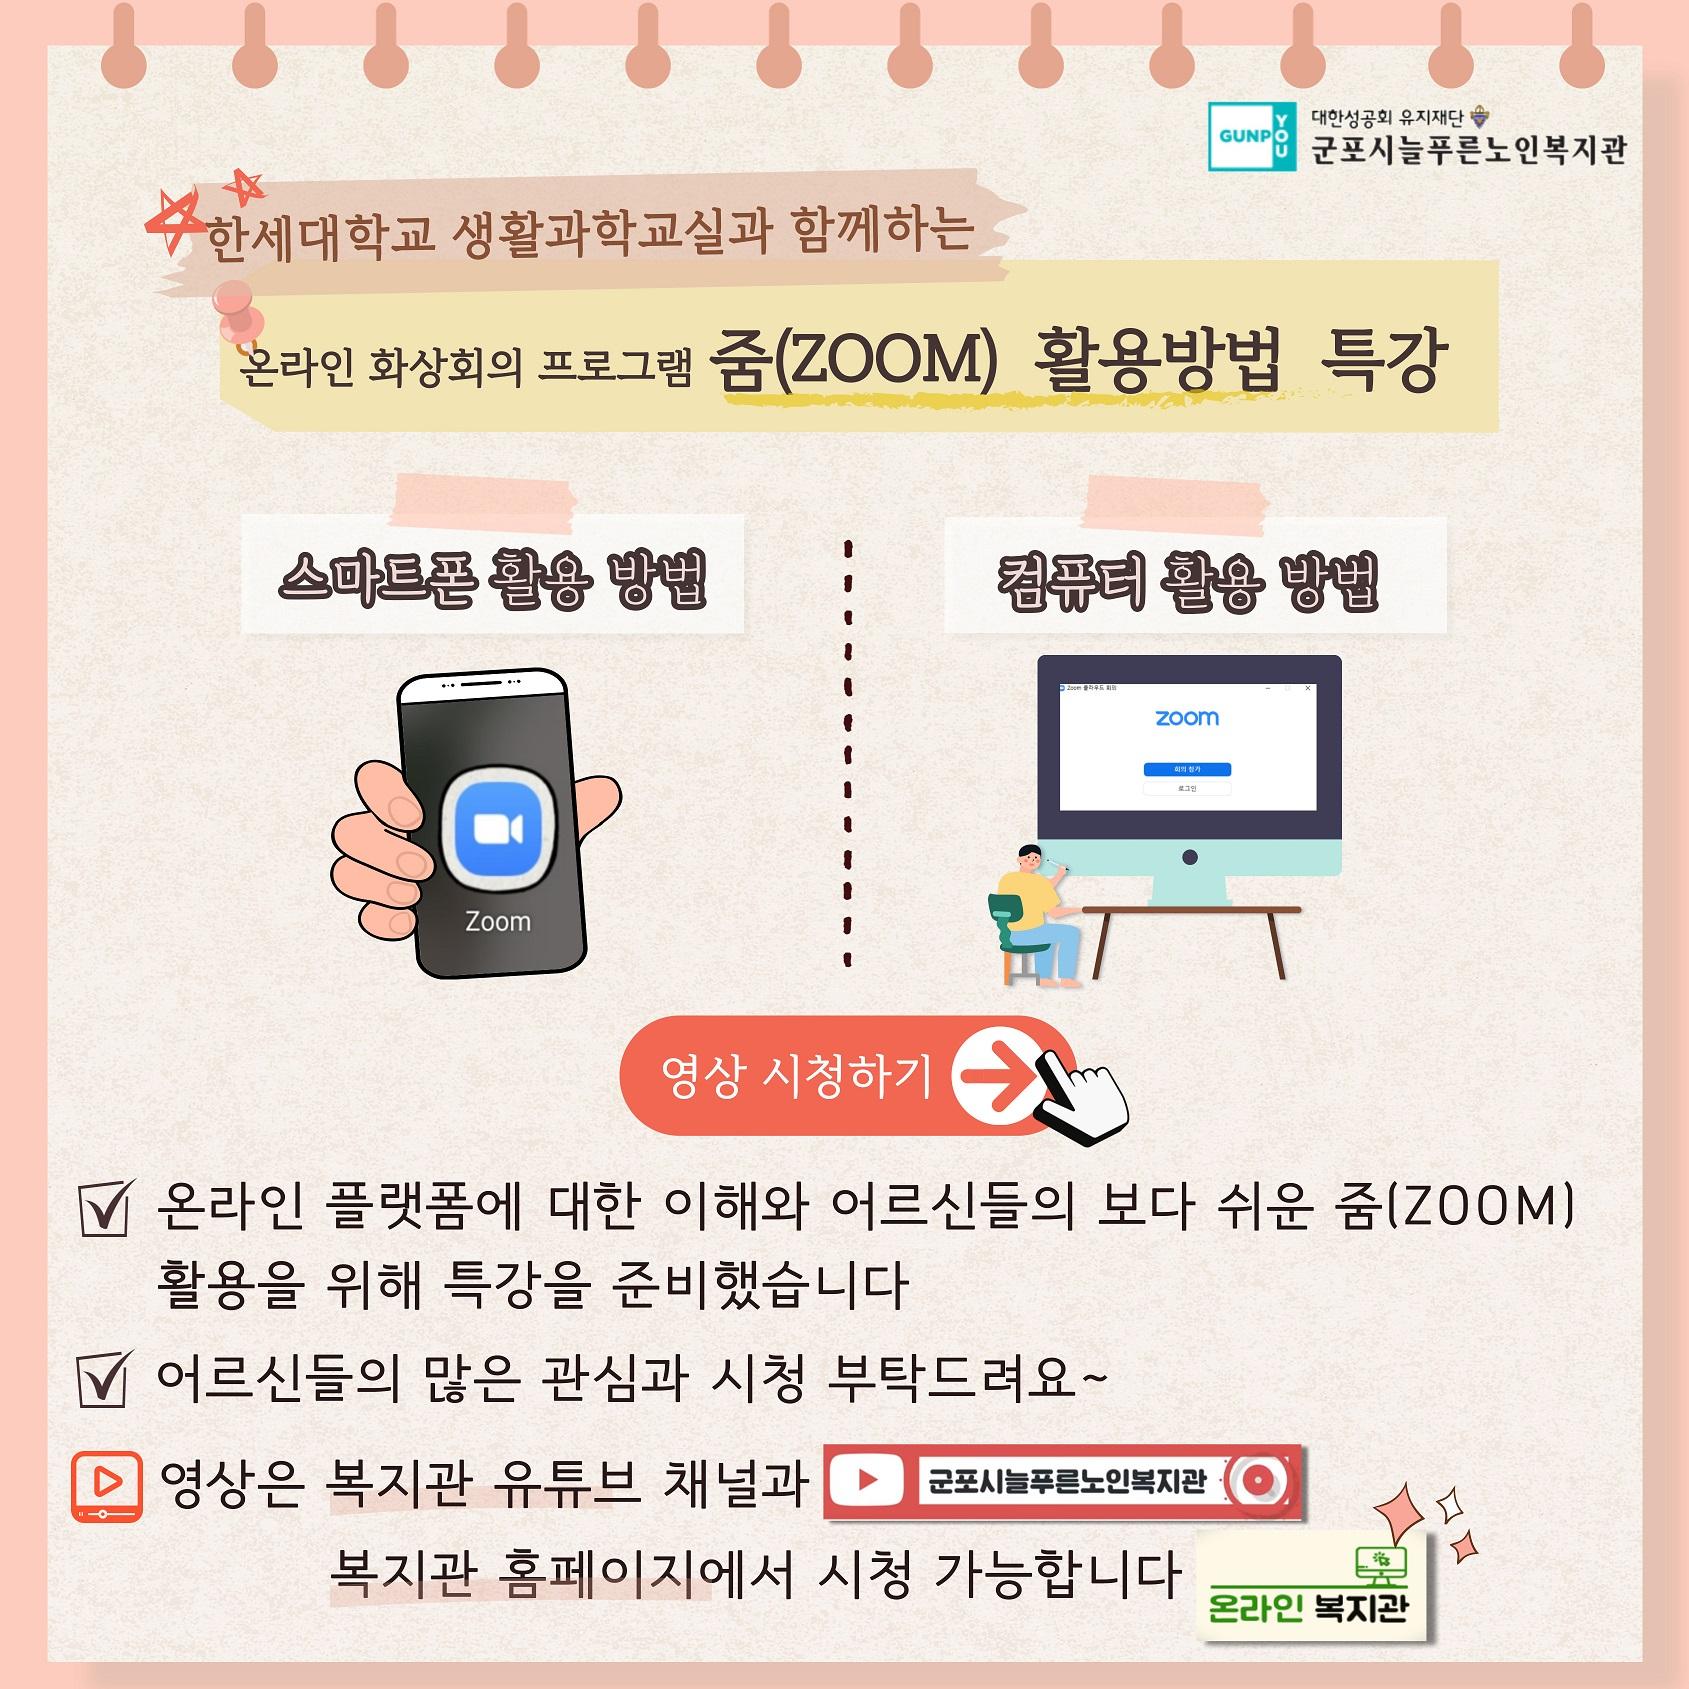 온라인 화상회의 zoom 활용방법 특강